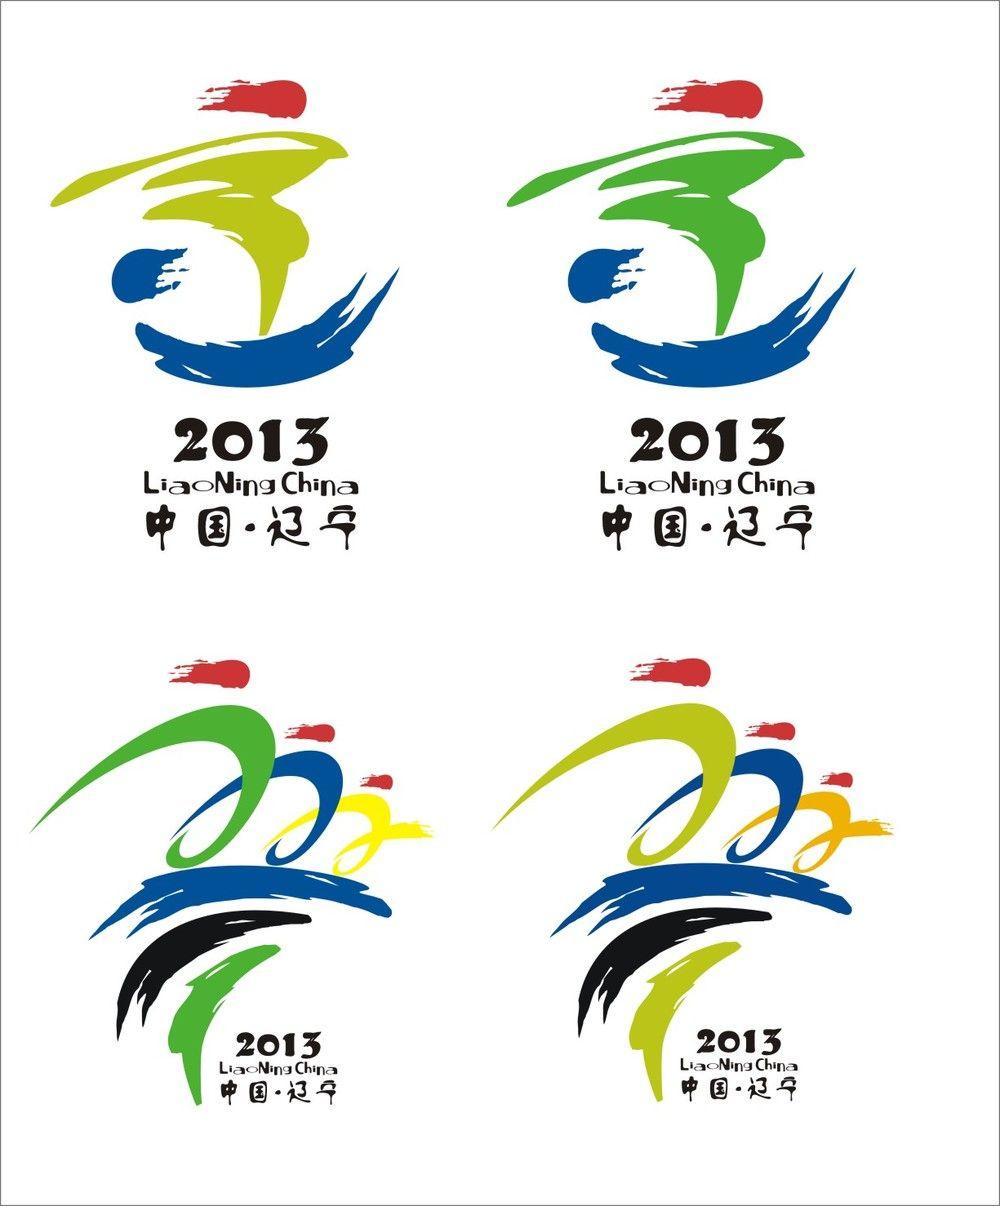 12届全运会会徽设计_标志_平面_原创设计 专业设计网